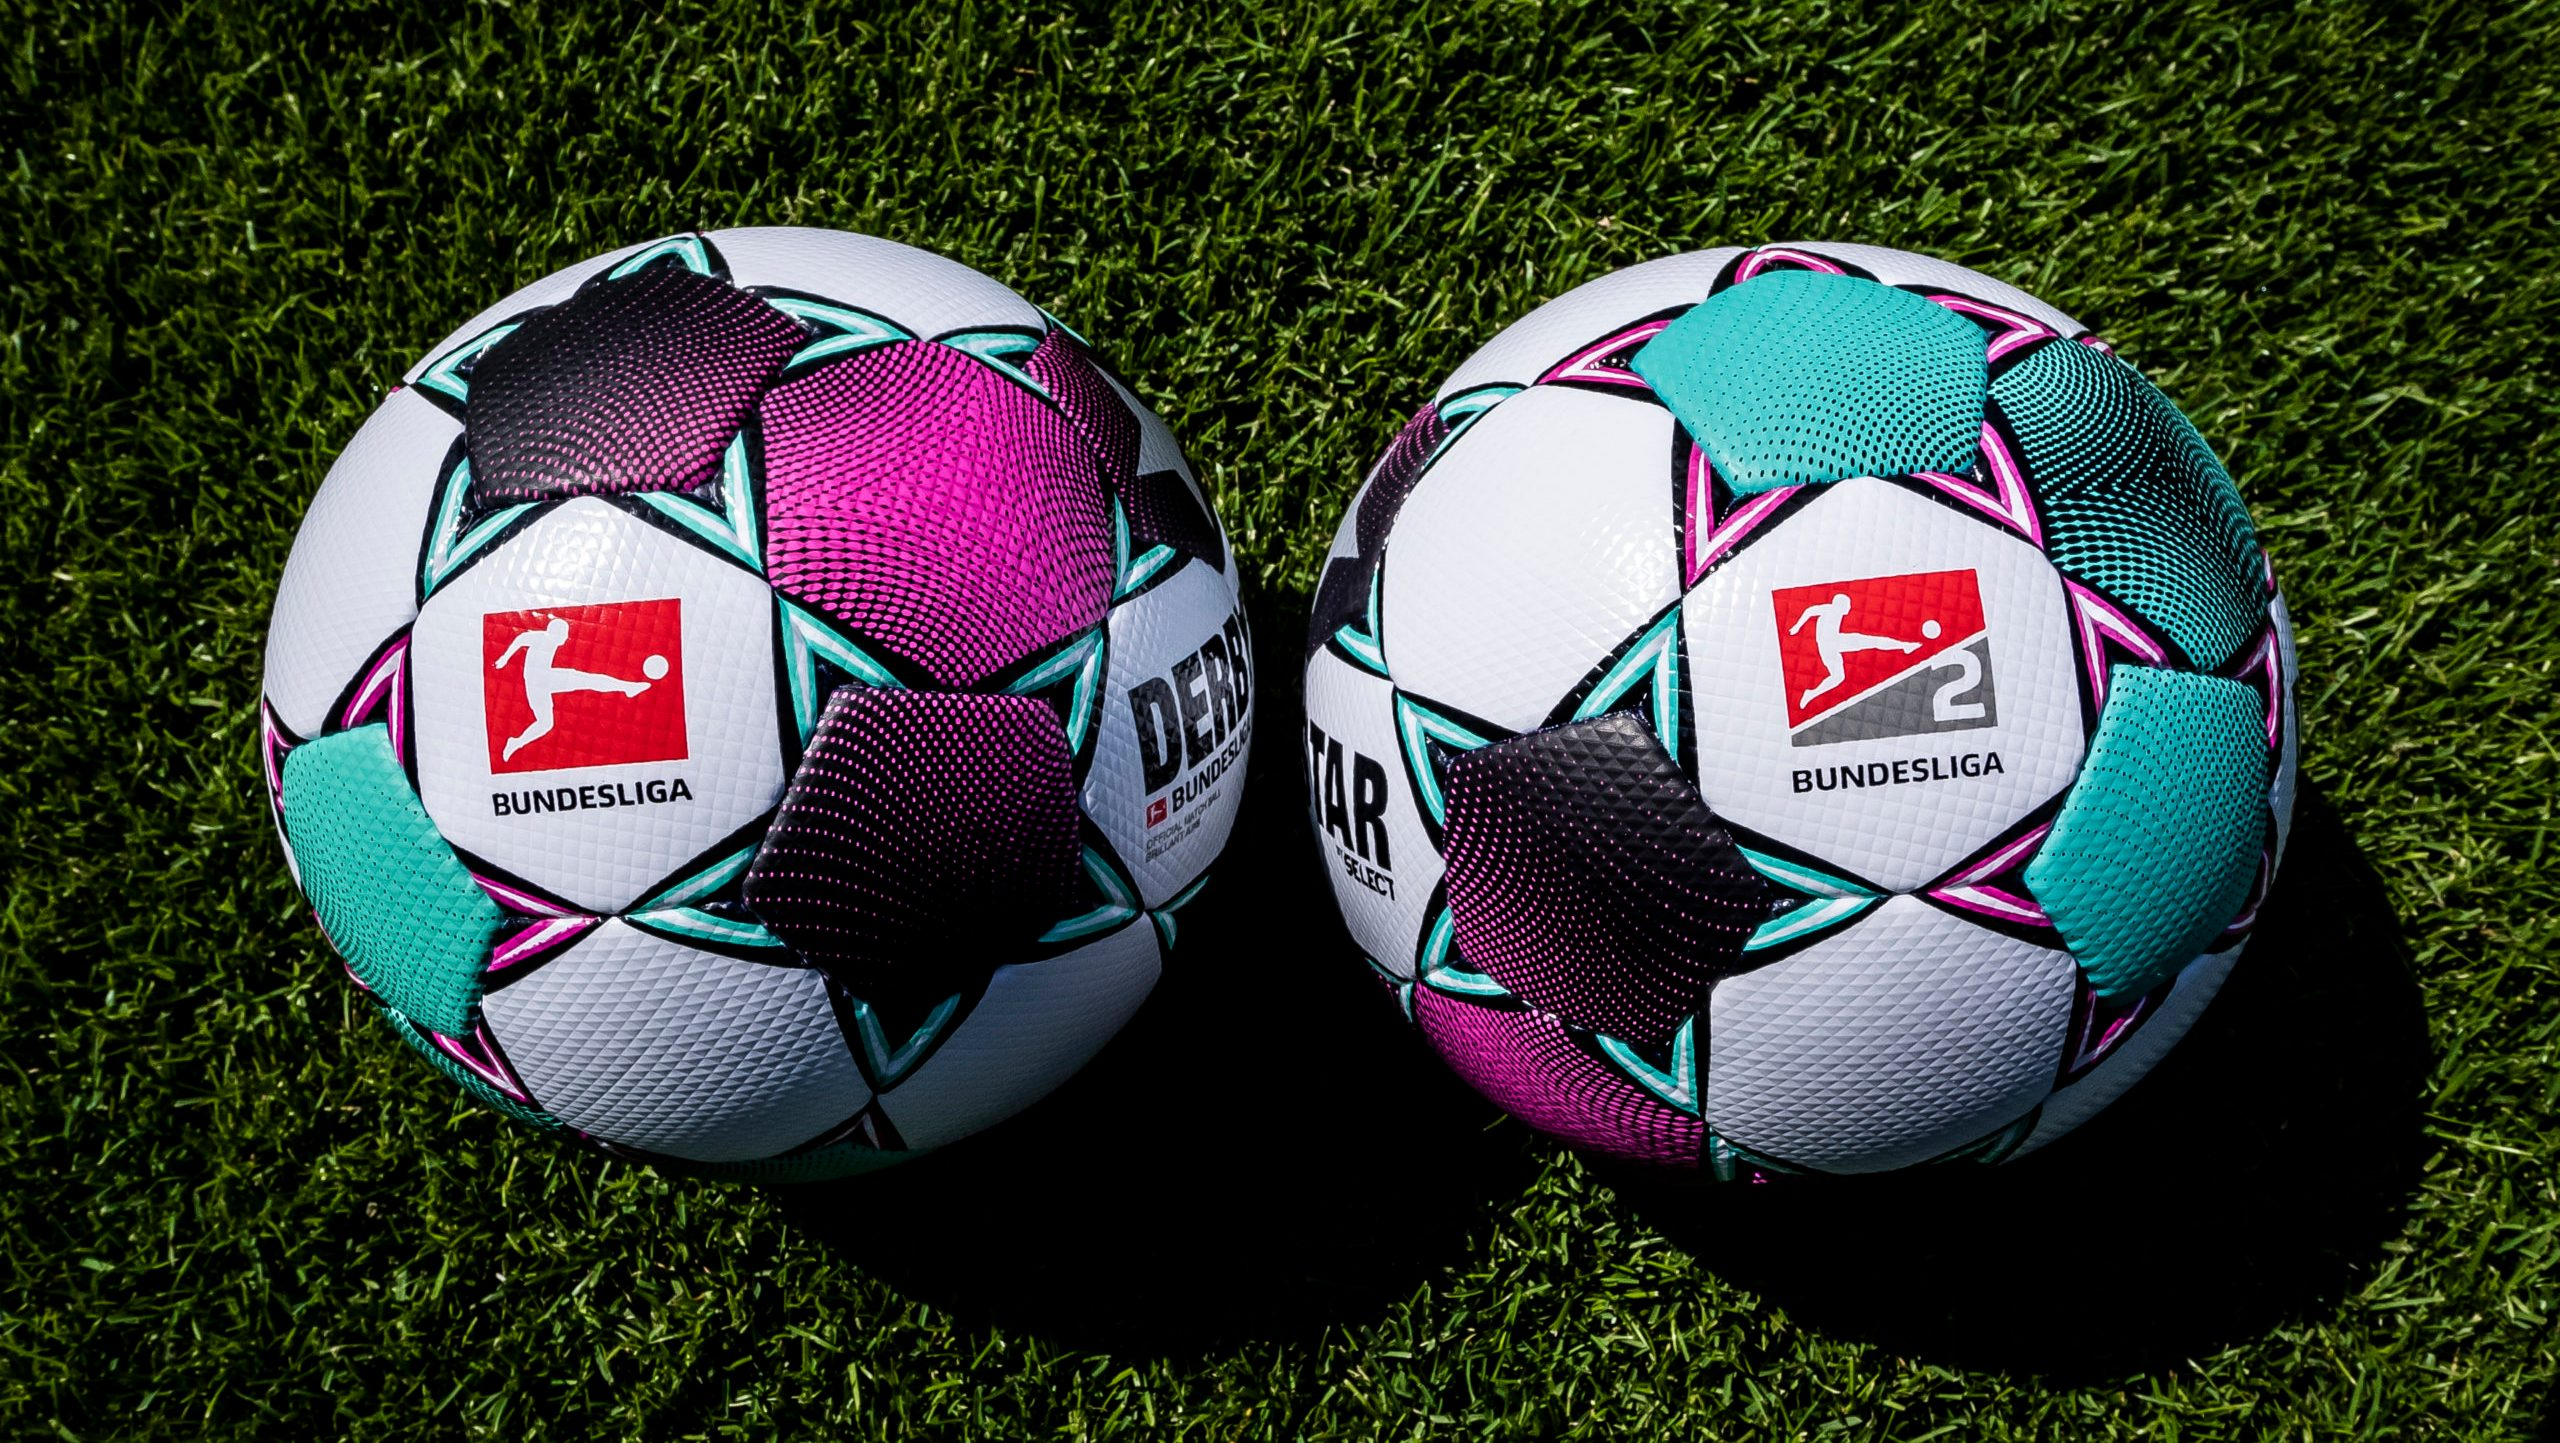 Bundesliga Rahmenterminkalender Fur Die Saison 2021 22 Veroffentlicht